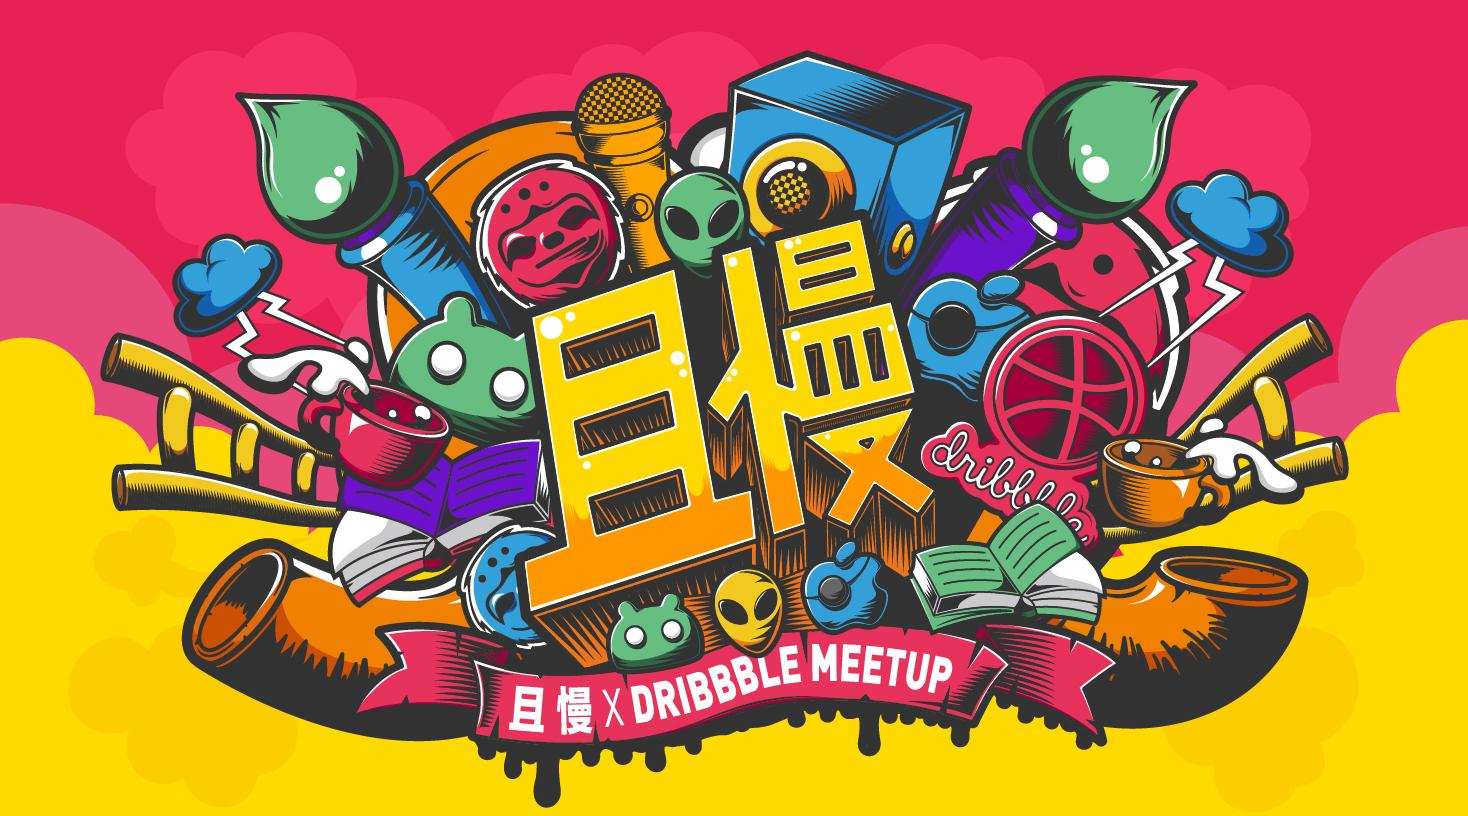 且慢 x dribbble meetup 回顾 (一) :兴趣驱动自学